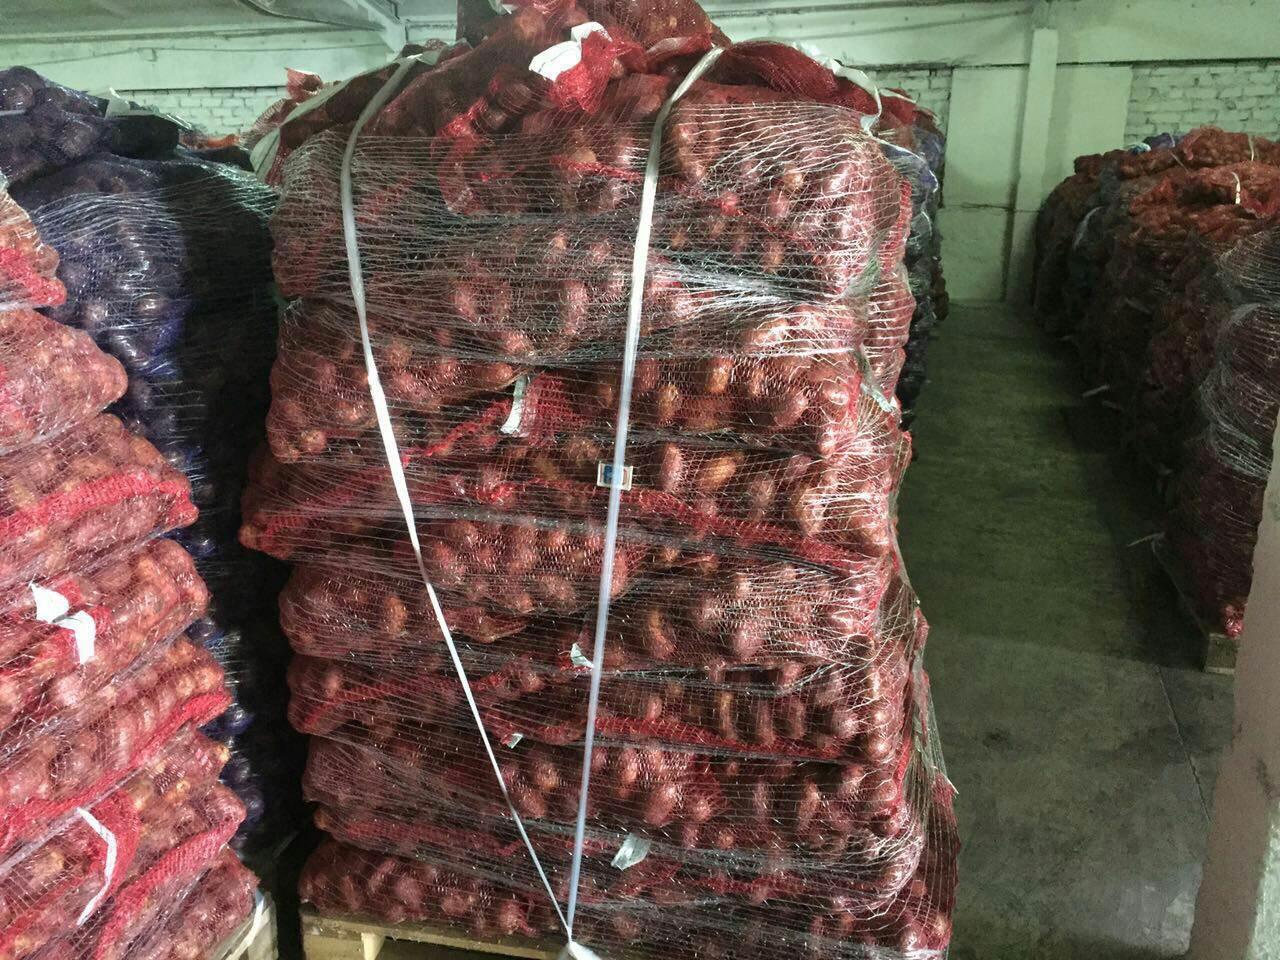 Картофель оптом Ред Скарлет калибр 5 цена 11 рубкг.